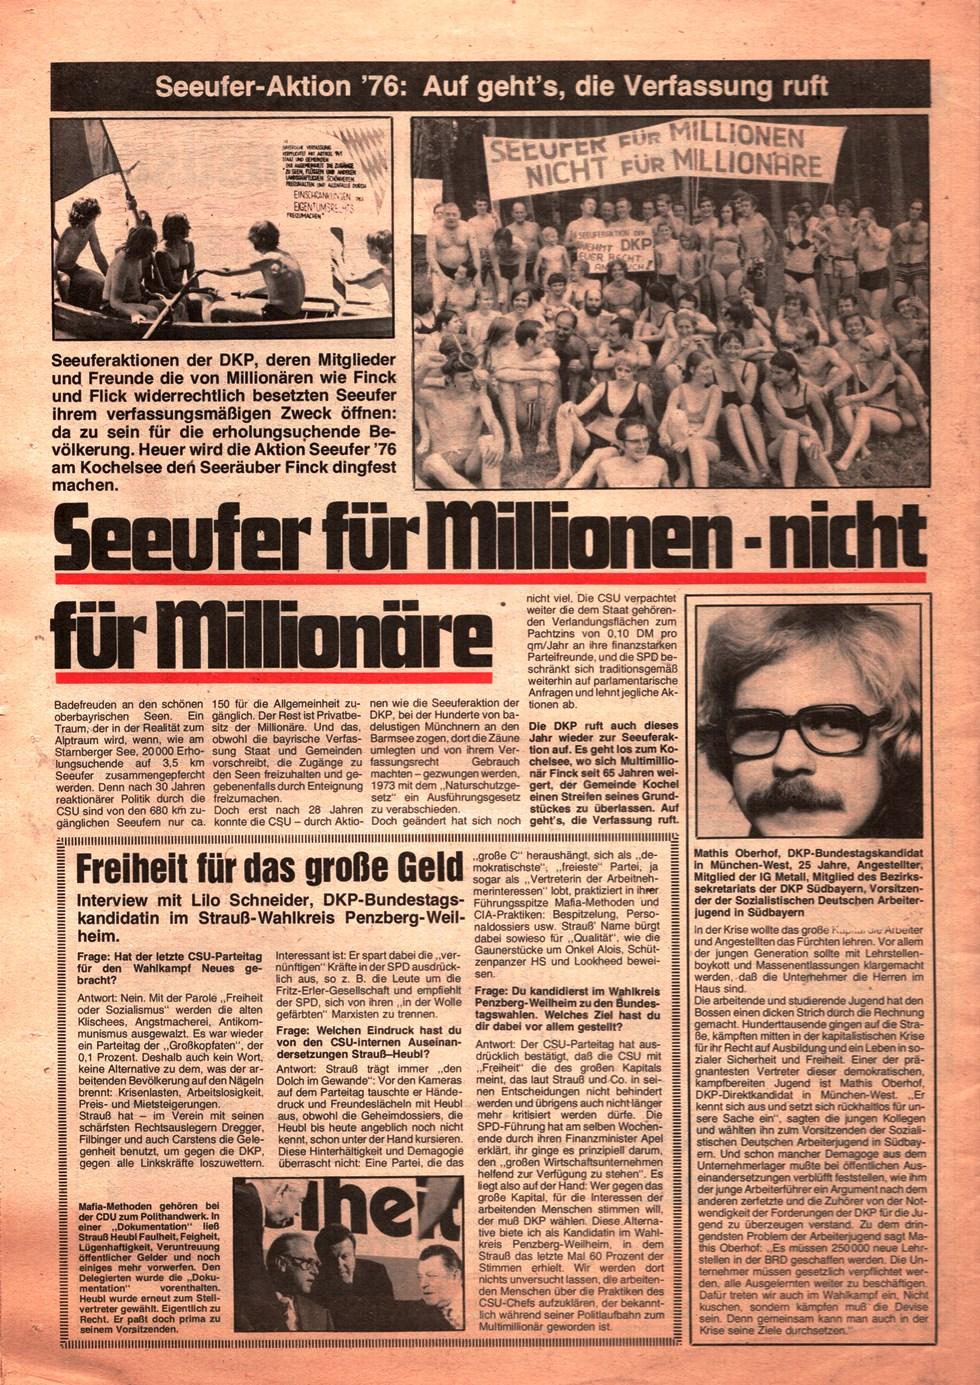 Muenchen_DKP_Neues_Muenchen_19760700_008